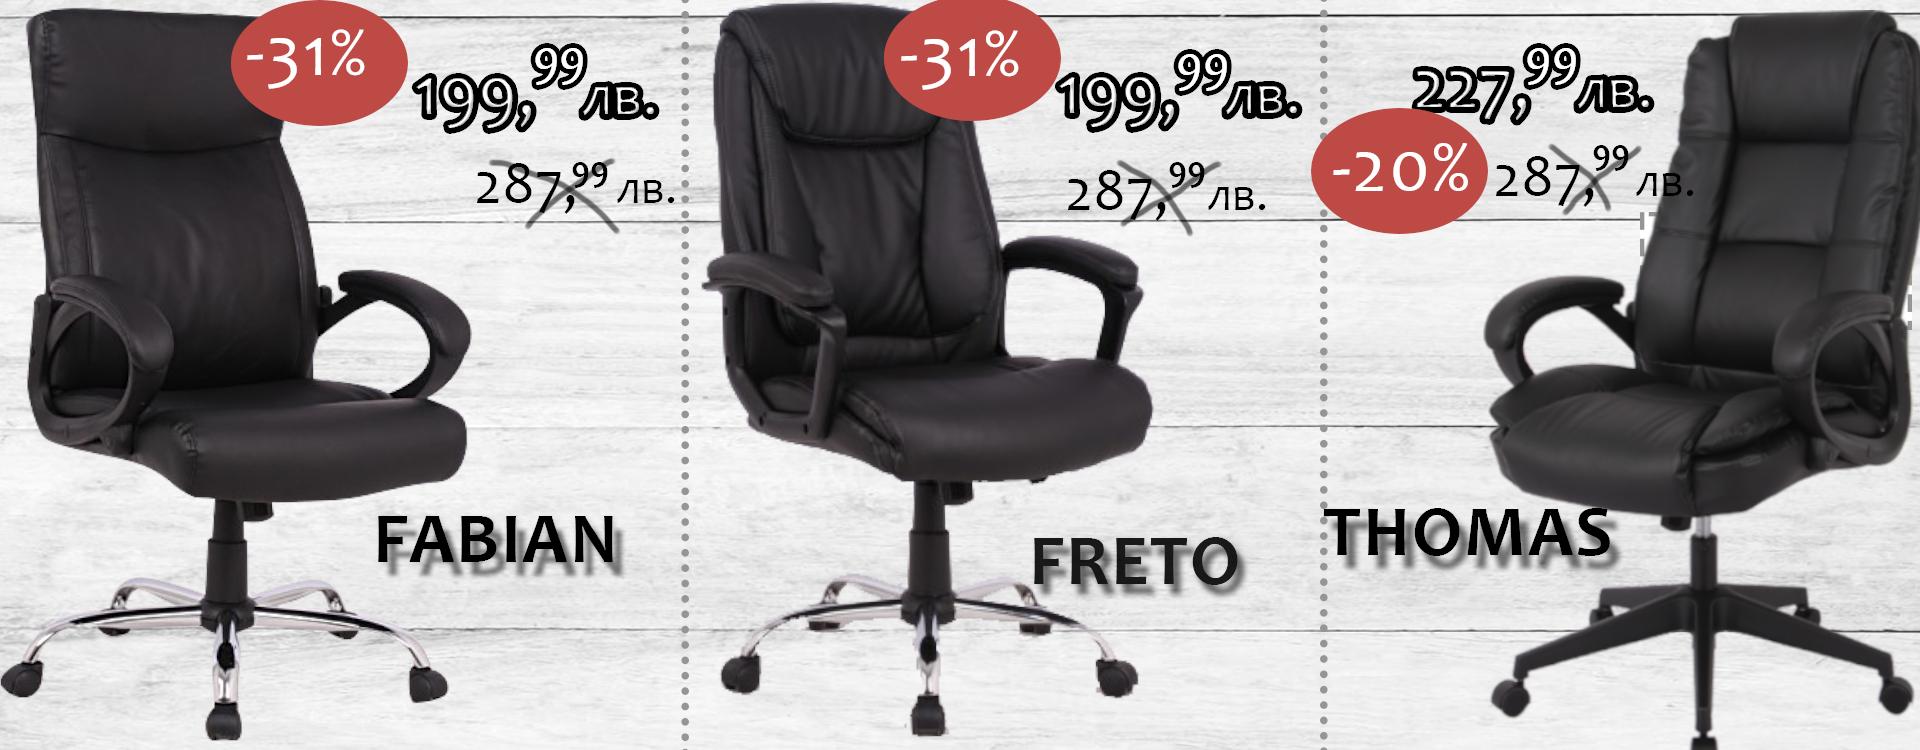 топ оферти на директорски столове, подходящи за работа вкъщи или в офис